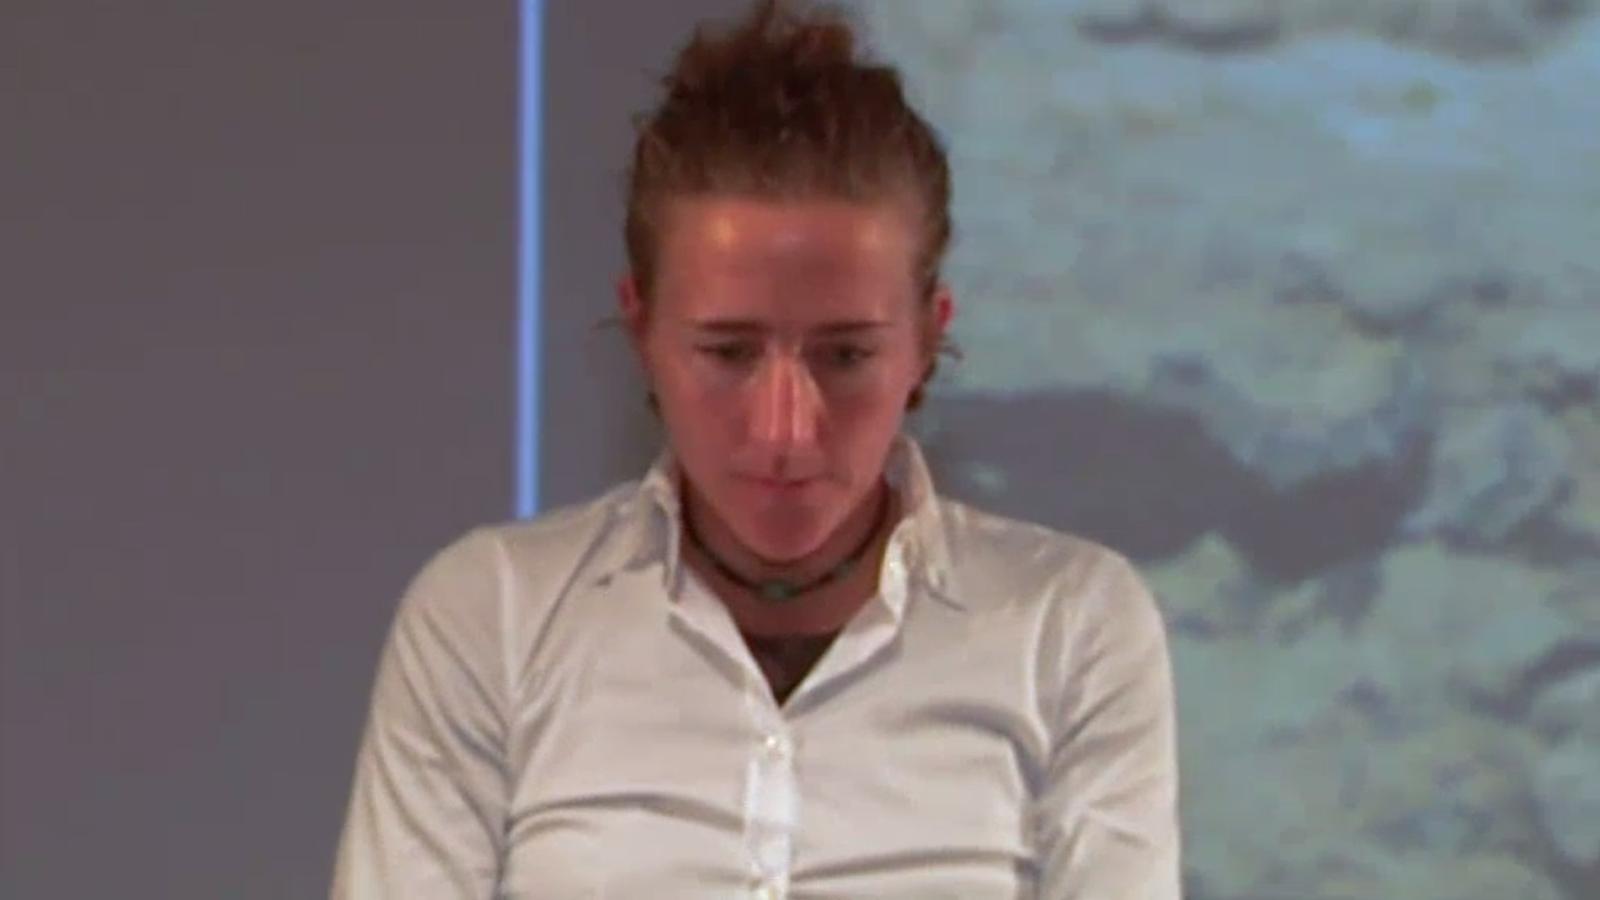 La reacció de Núria Picas a l'himne espanyol, durant l'entrega de l'Ultra Trial World Tour, el 2014